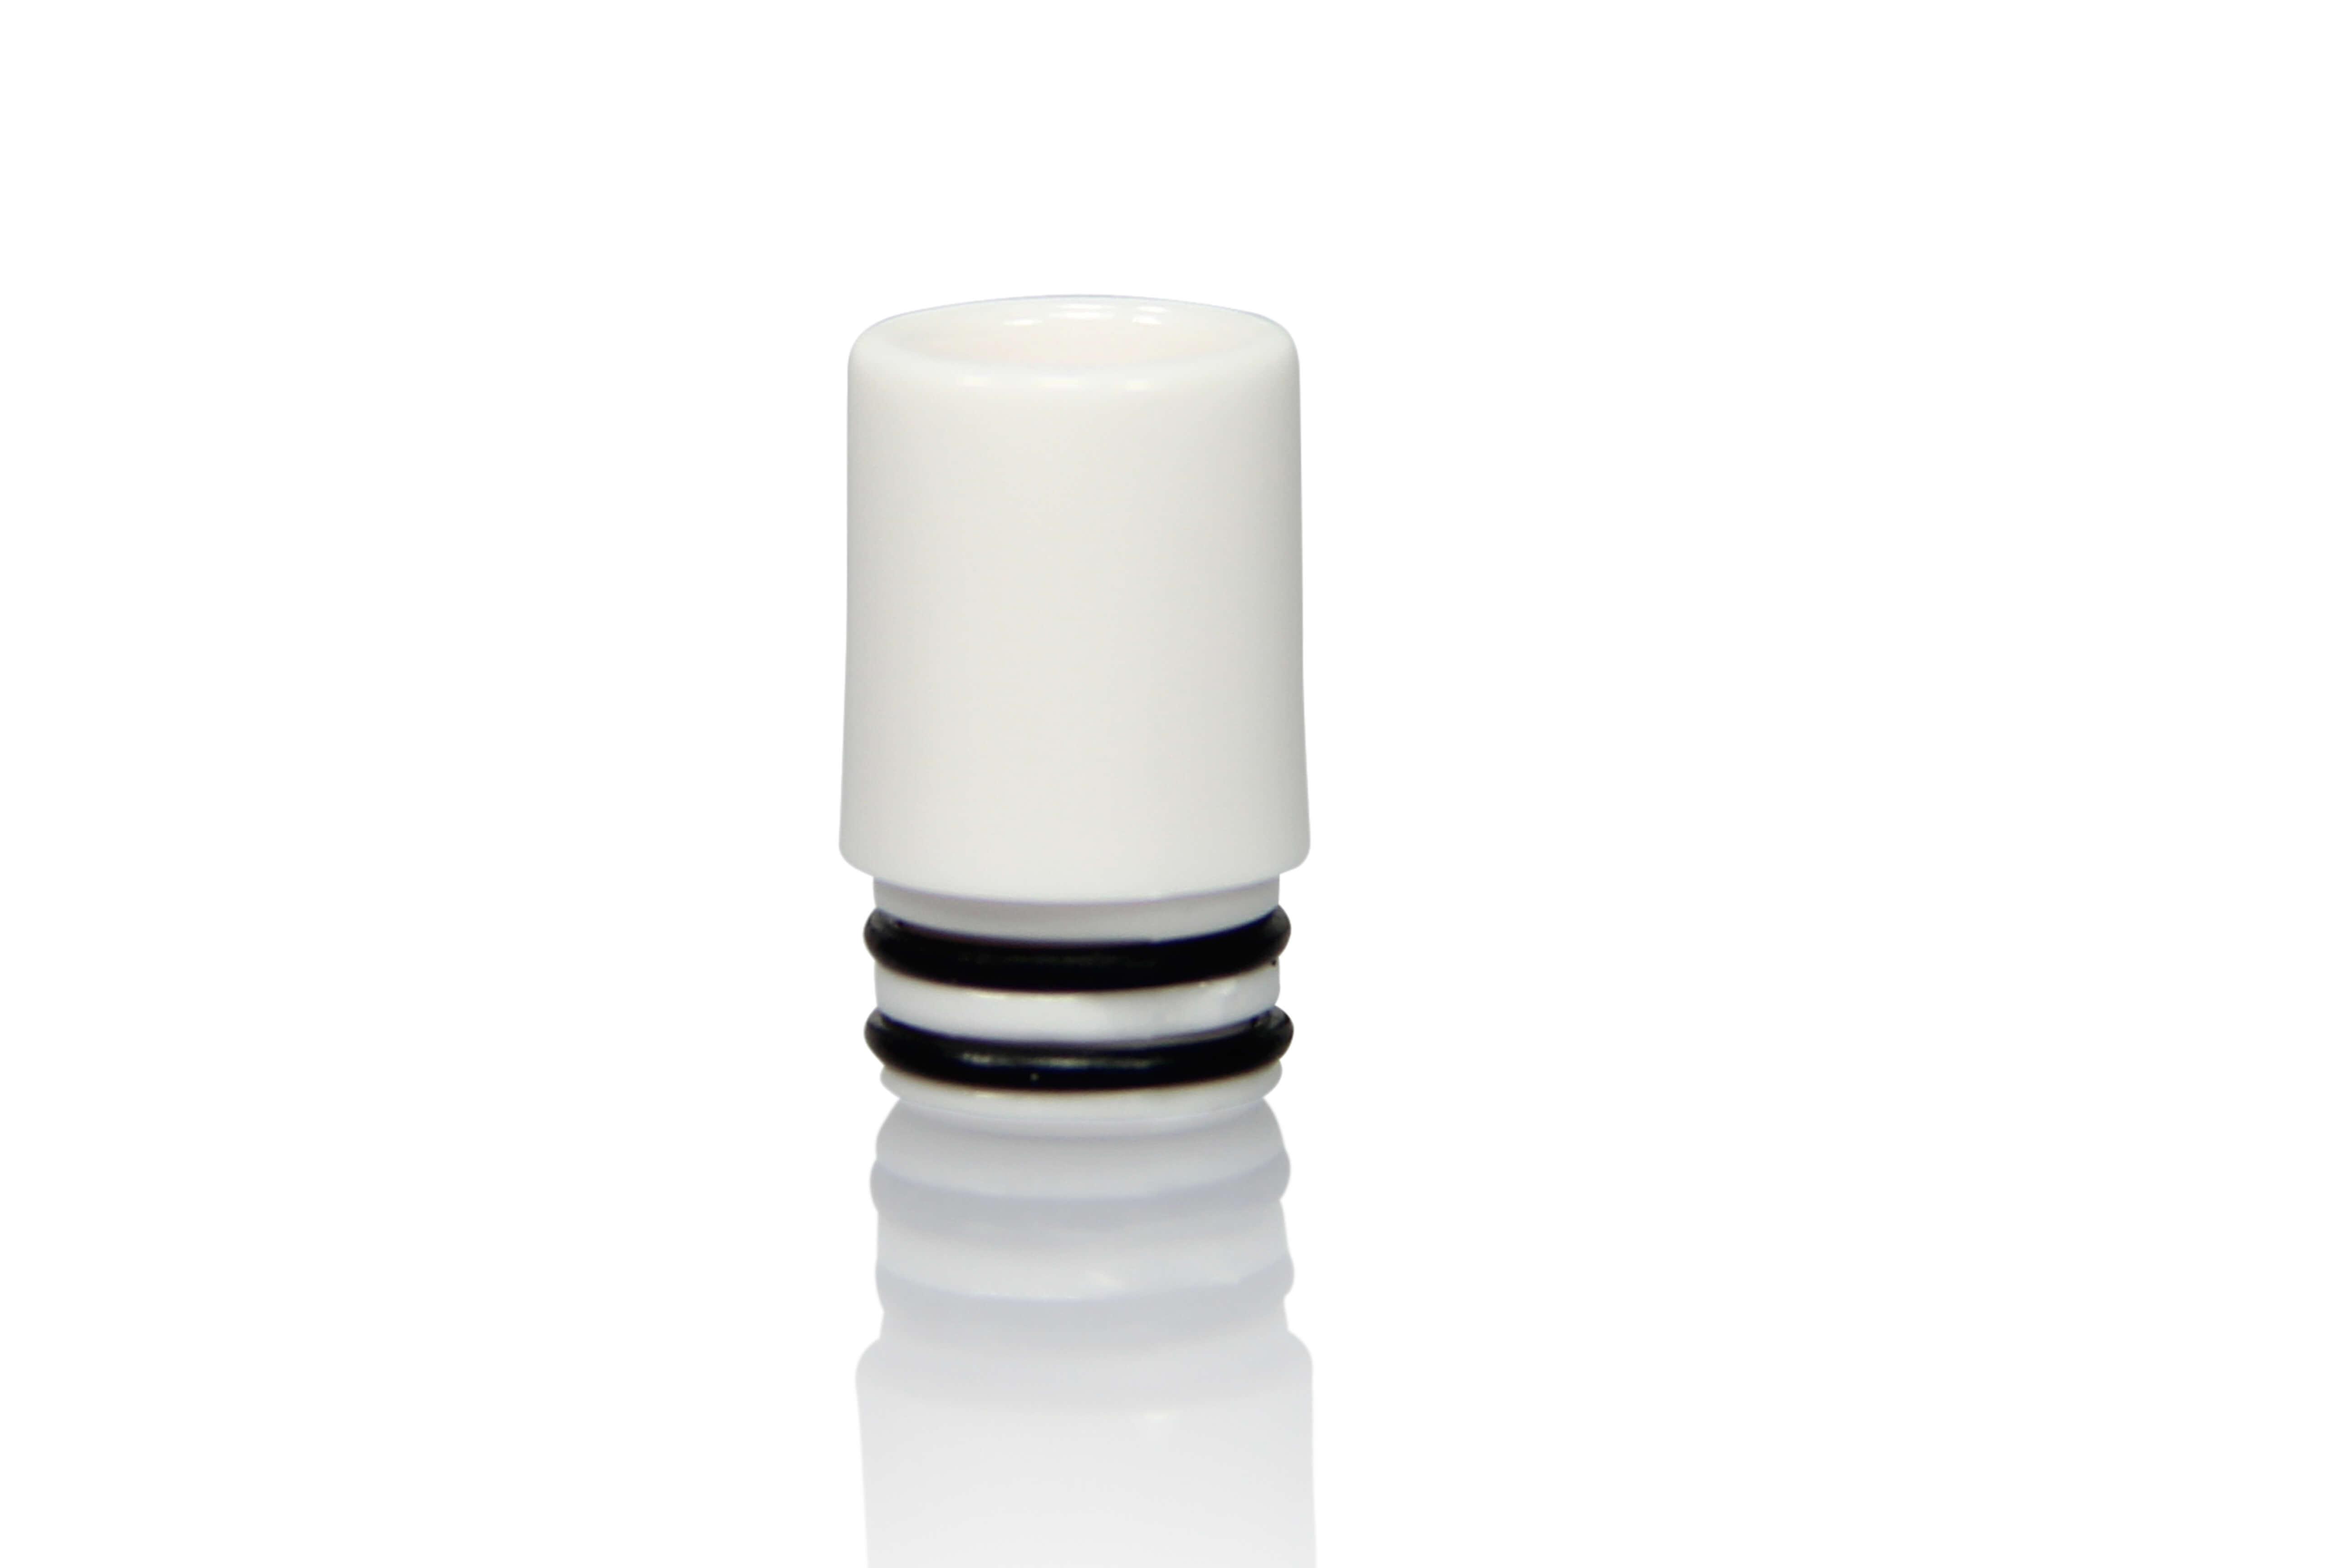 InnoCigs Spiral Mundstück weiss (5 Stück pro Packung)